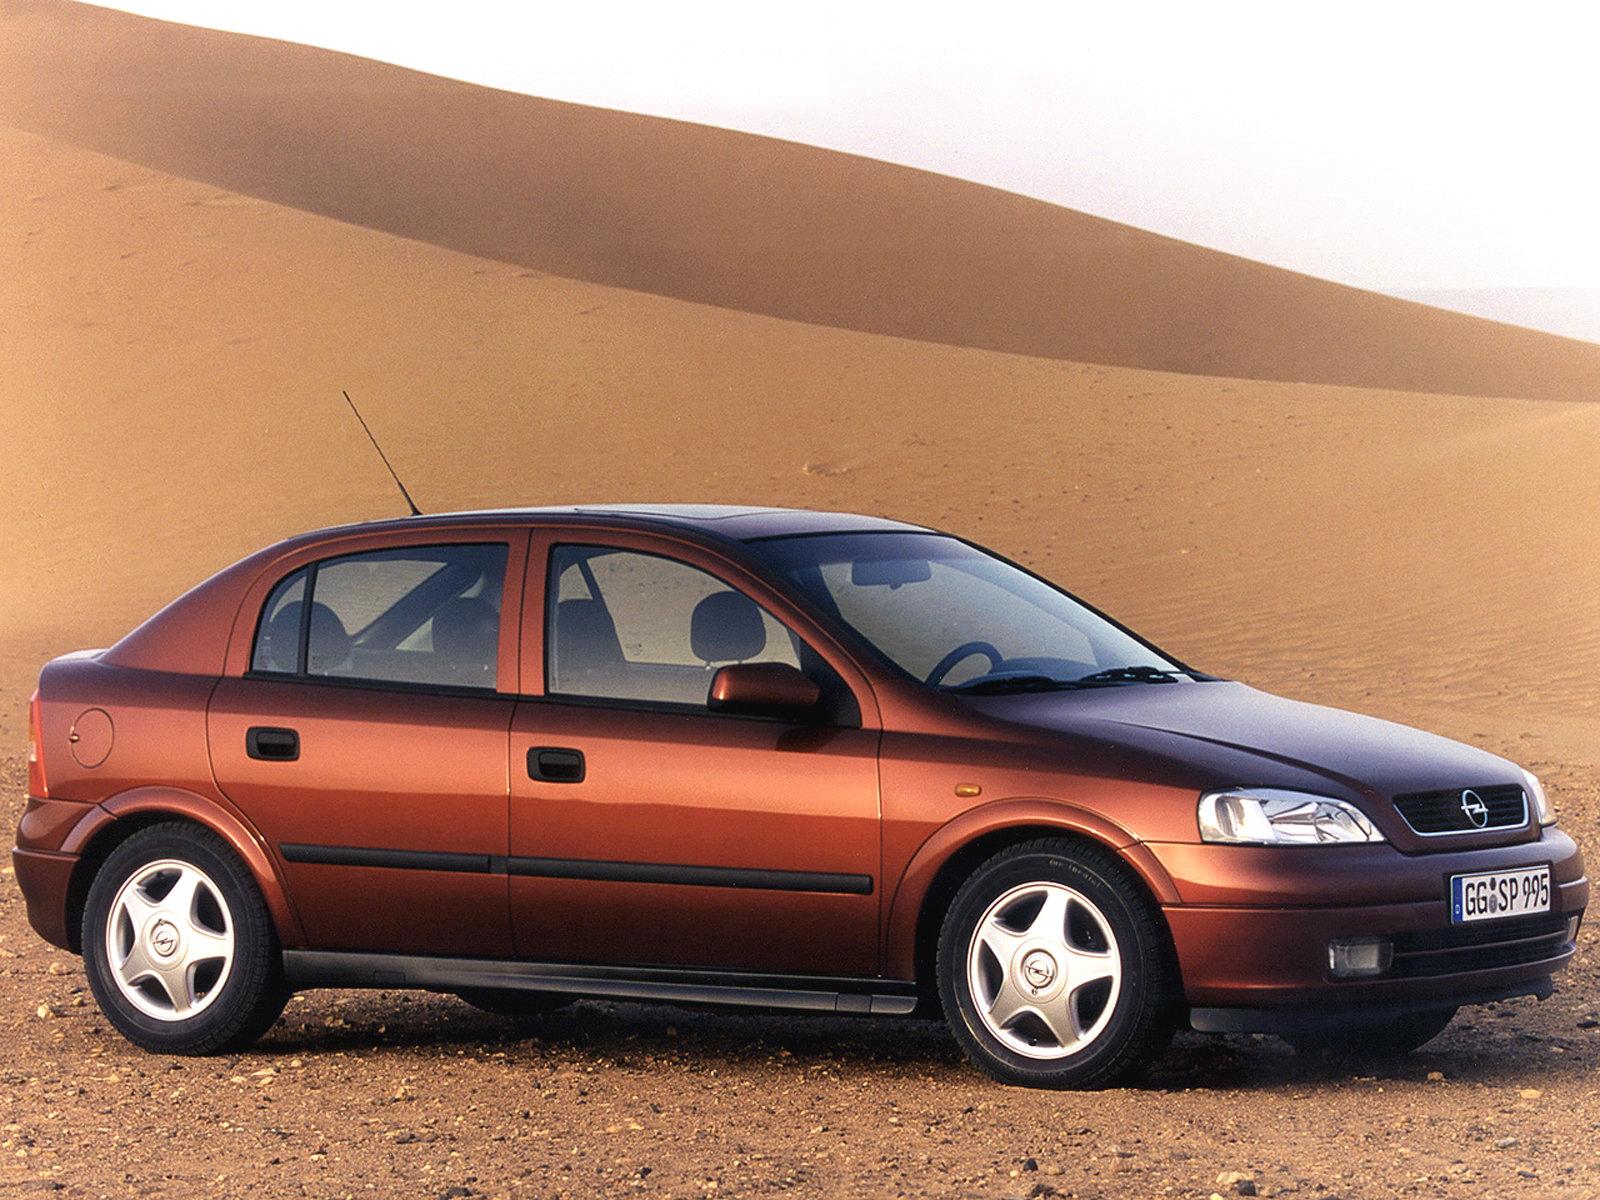 Opel astra sedan сразу привлек меня своим элегантным видом: красивая, обтекаемая форма кузова